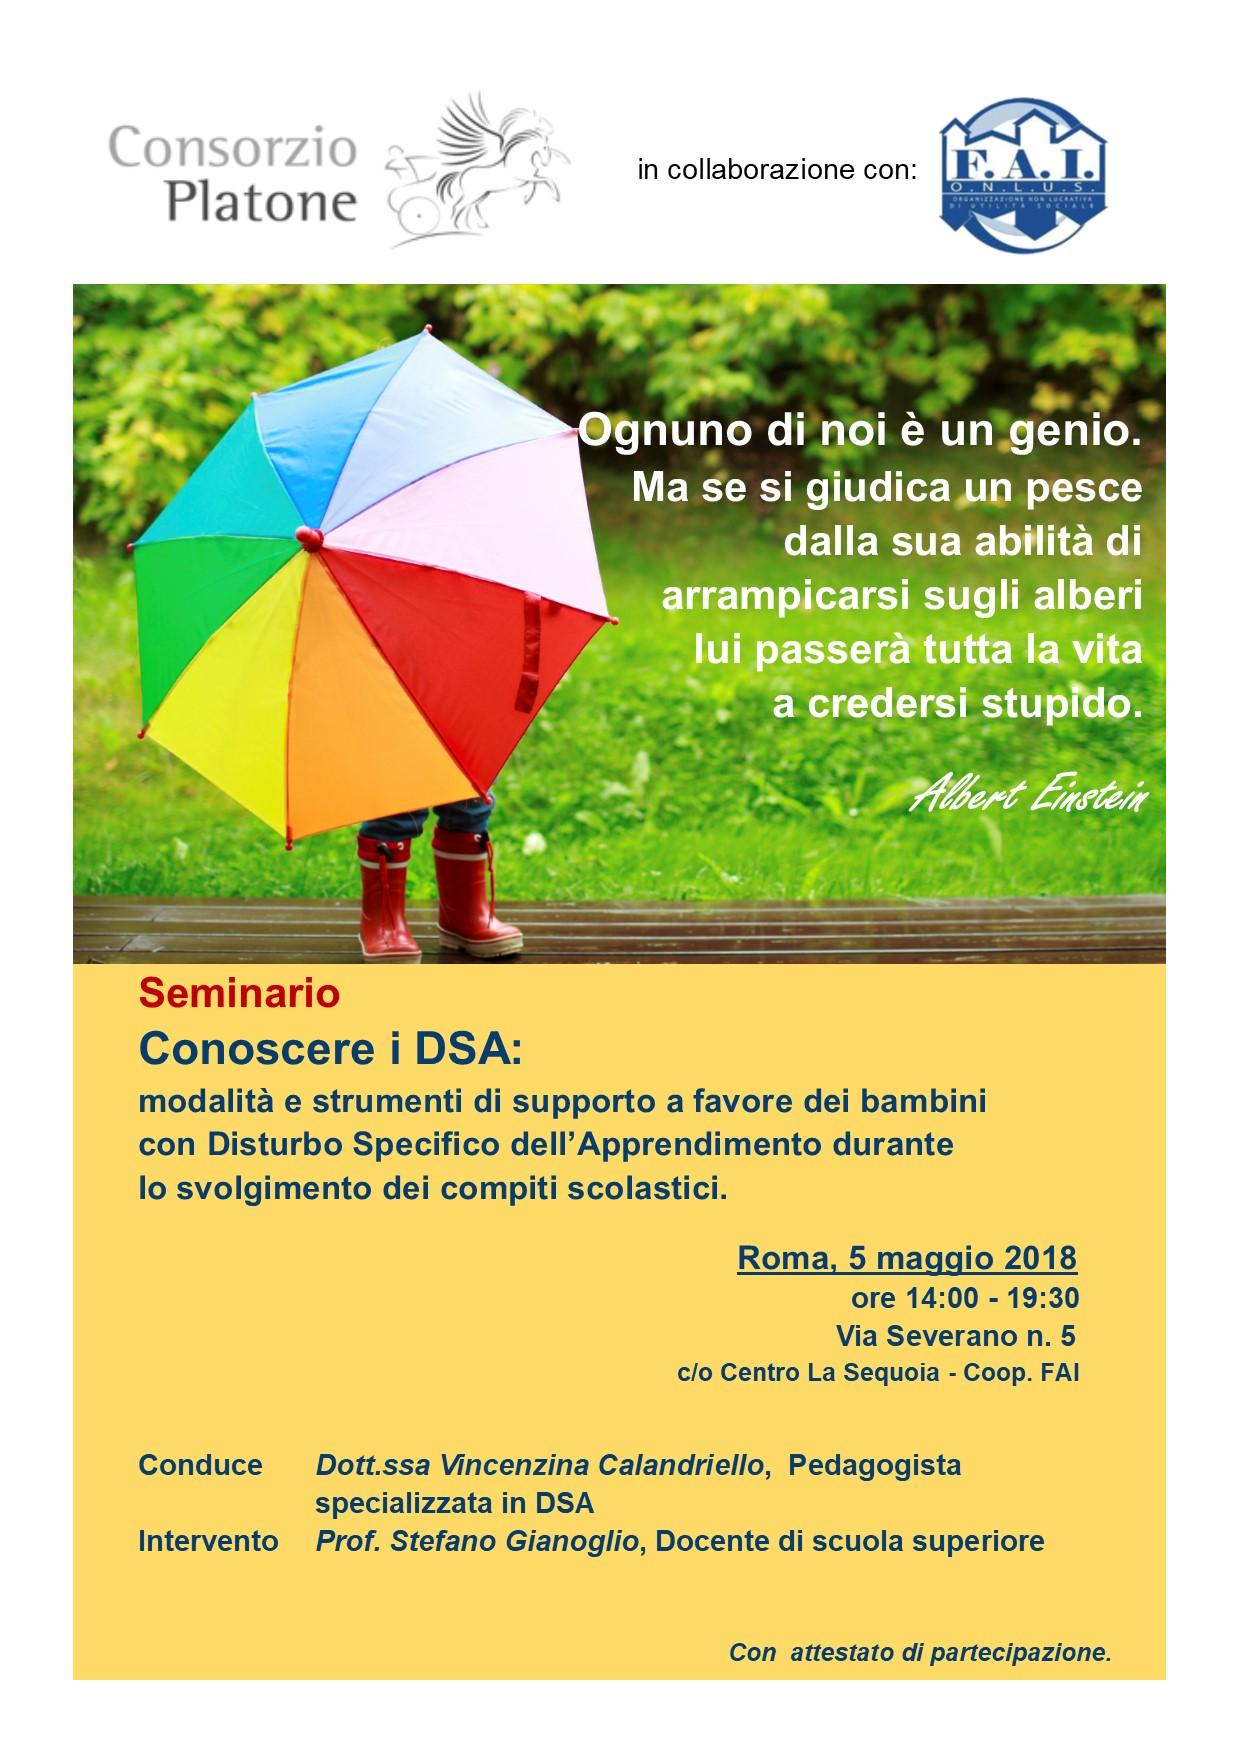 Seminario Conoscere i DSA